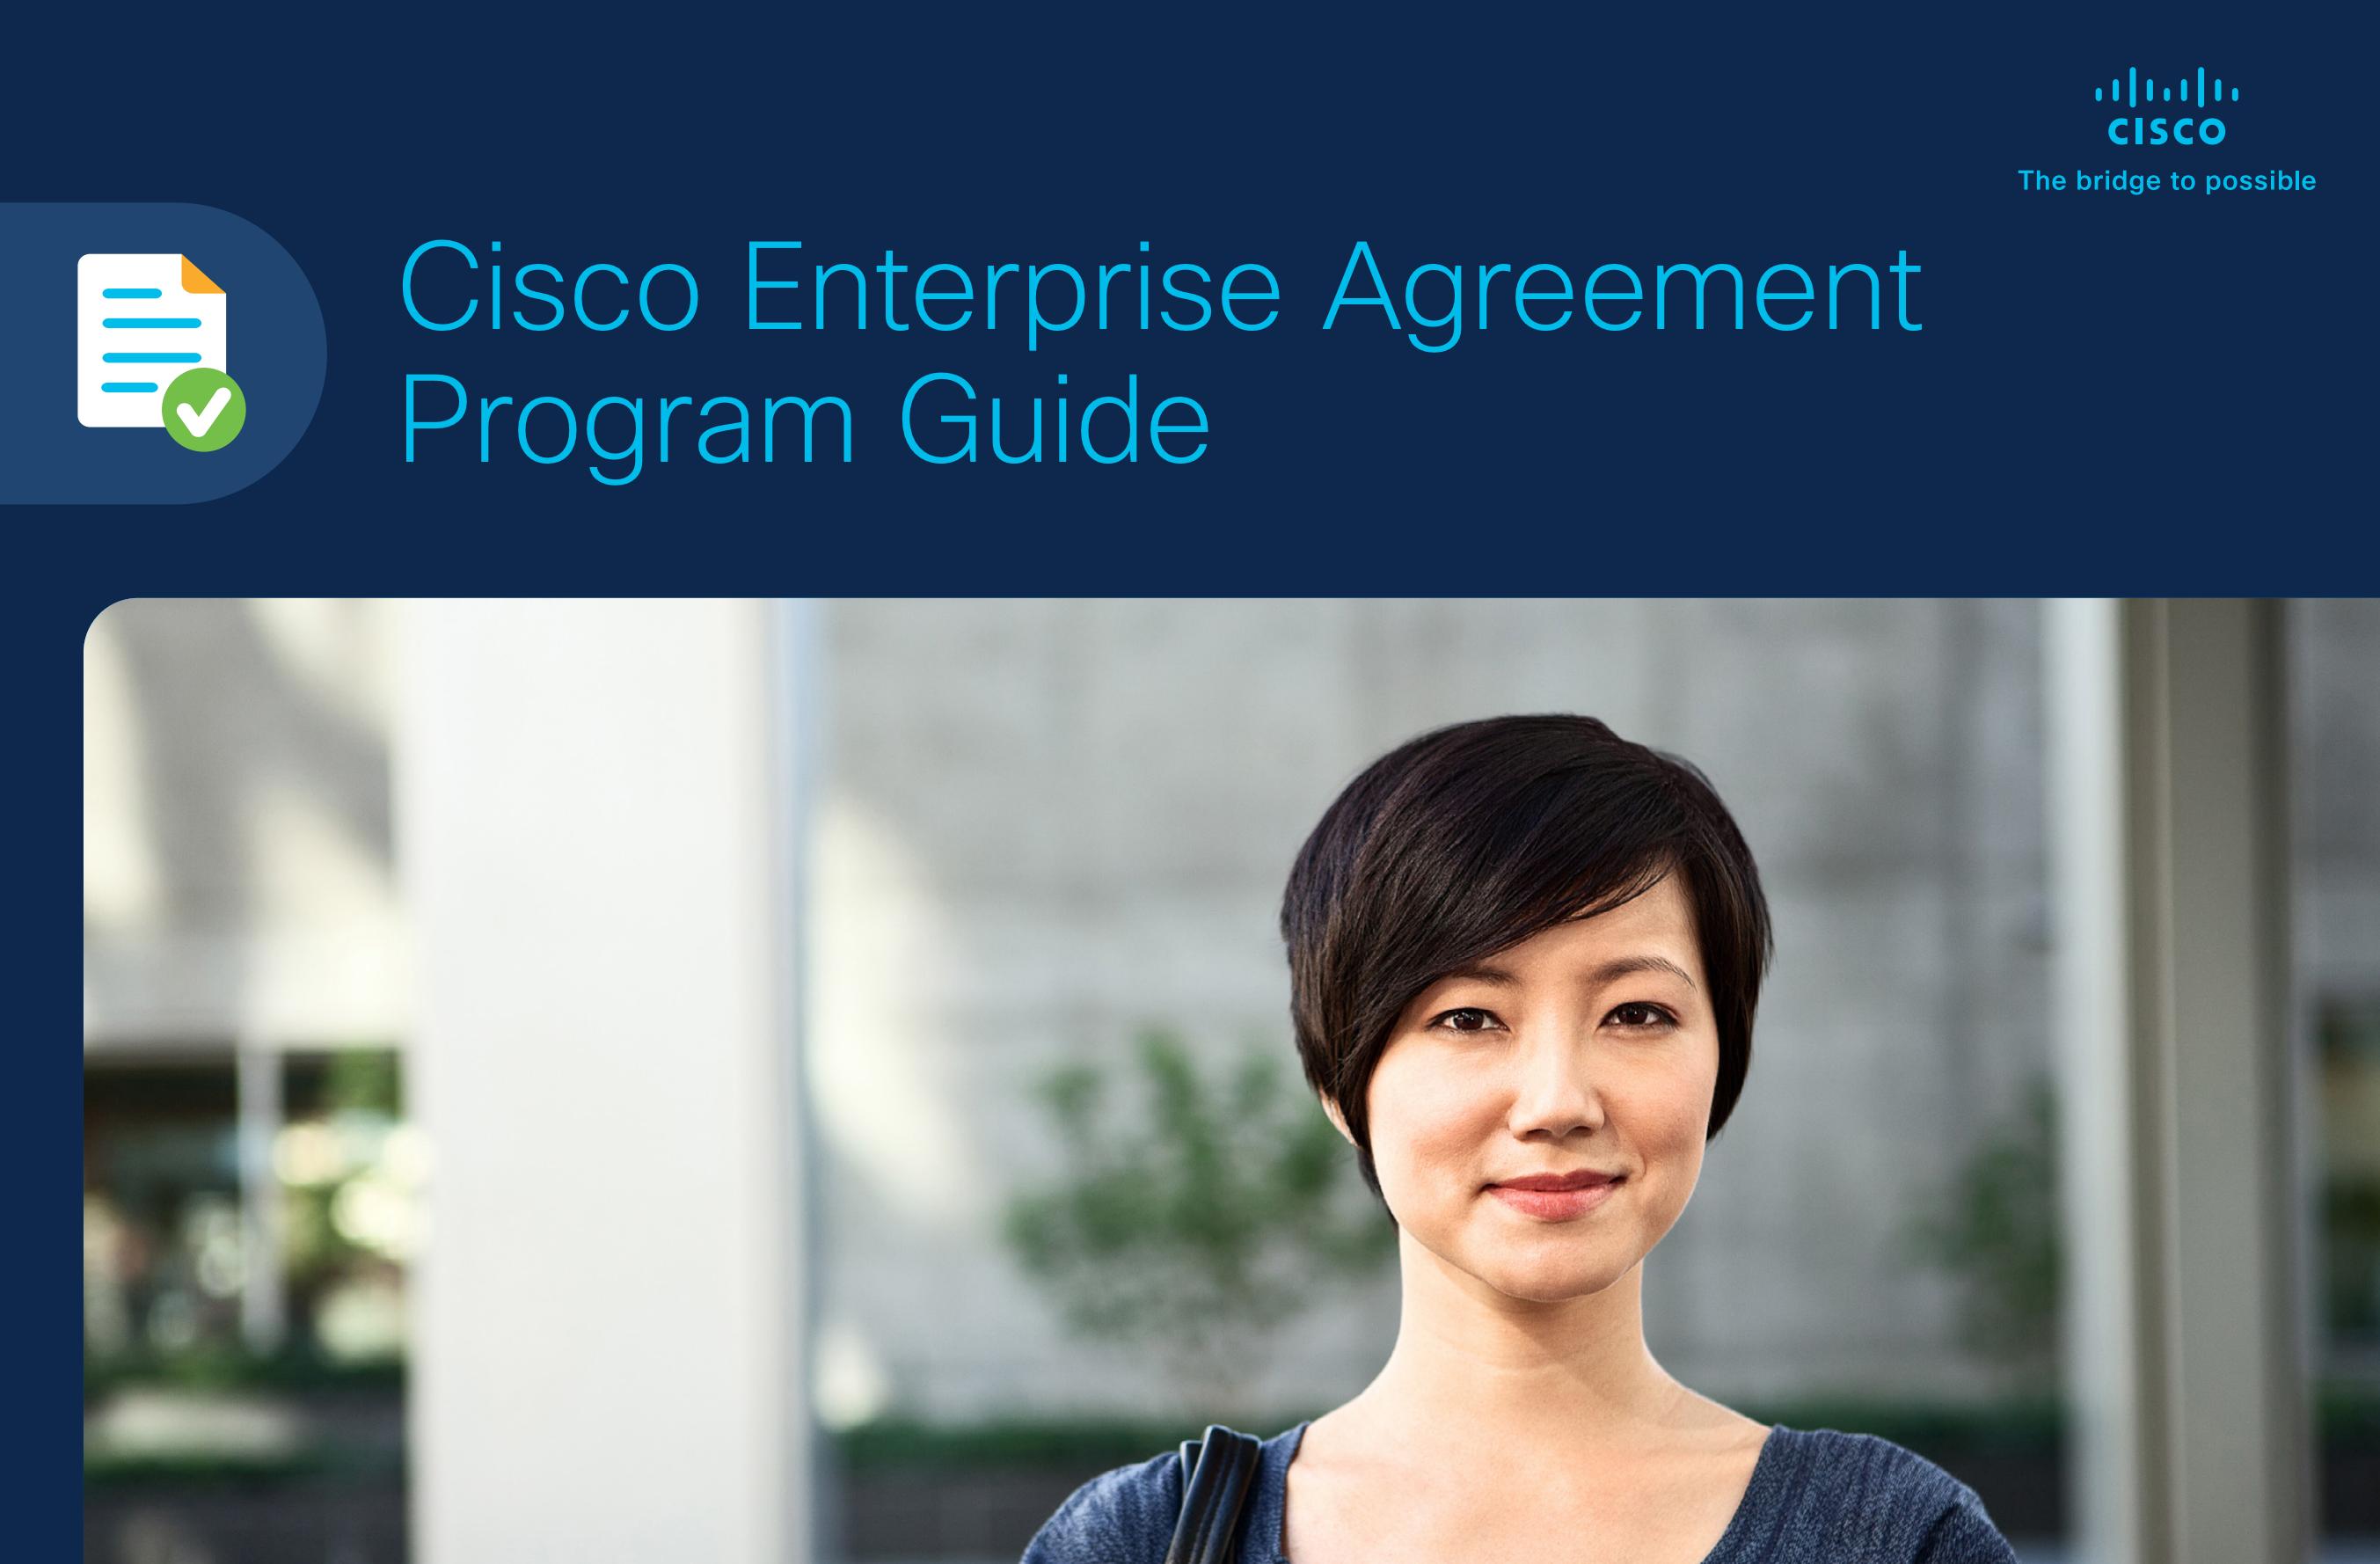 Cisco Enterprise Agreement Program Guide